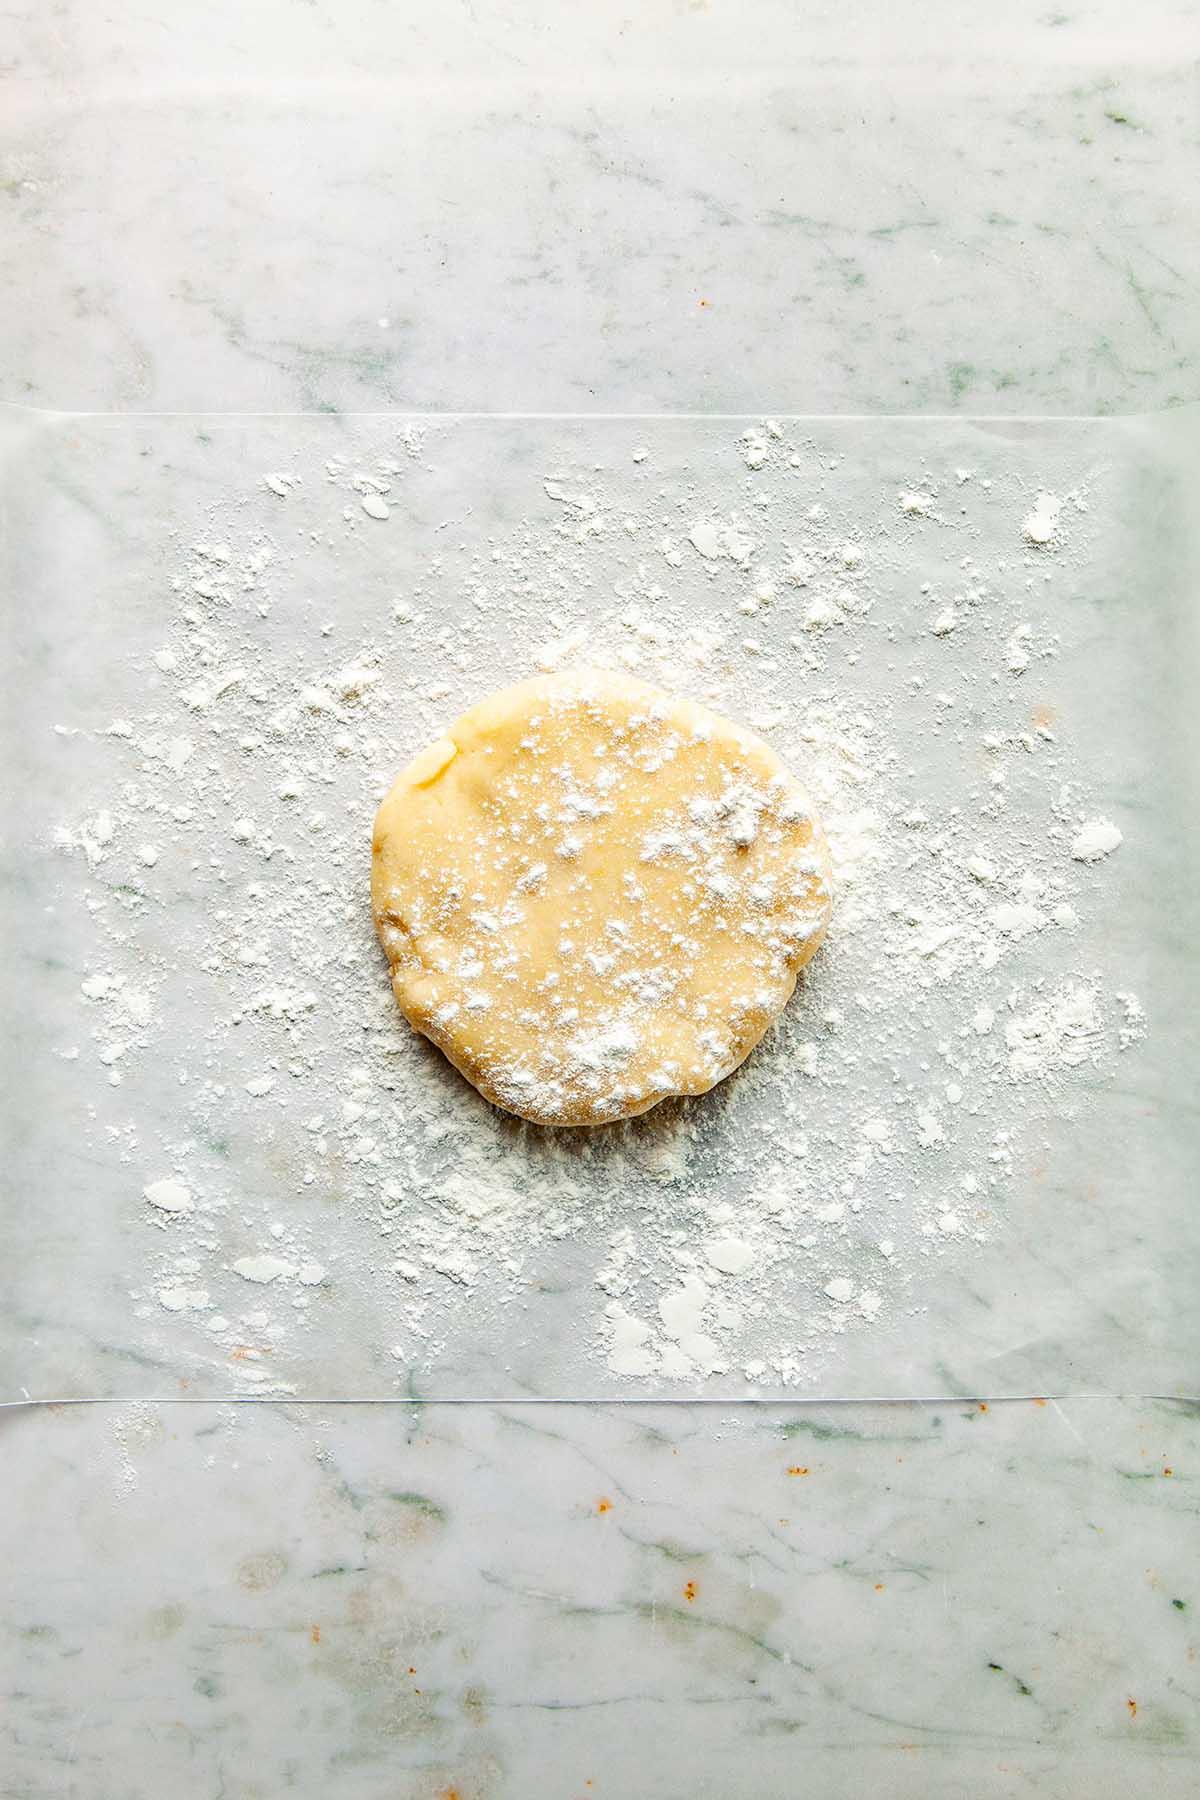 A disc of dough on a floured surface.